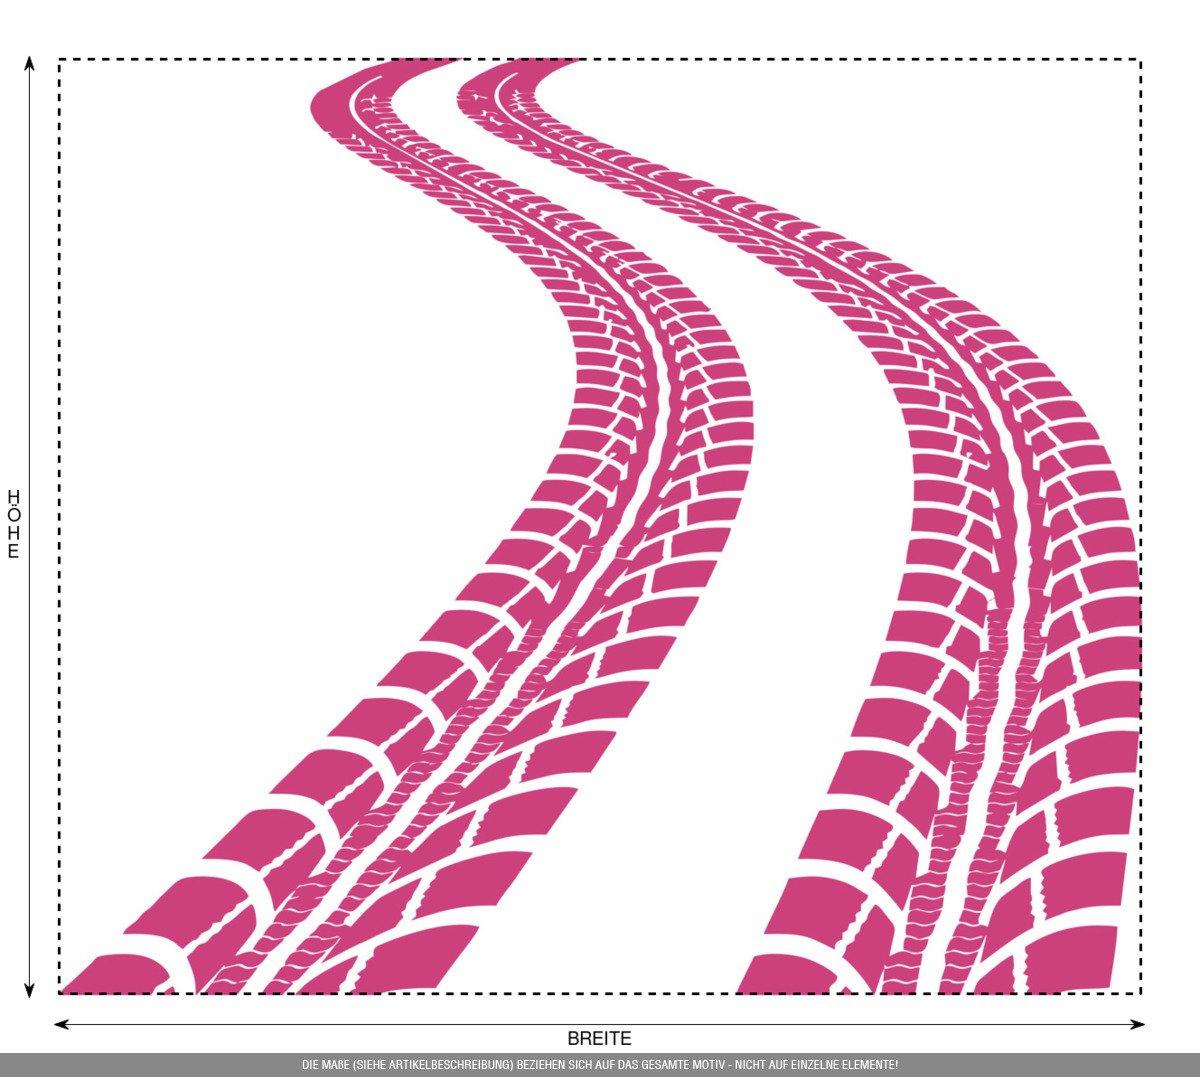 CLICKANDPRINT Aufkleber » Reifen-Spuren, 120x103,7cm, 120x103,7cm, 120x103,7cm, Schwarz • Wandtattoo   Wandaufkleber   Wandsticker   Wanddeko   Vinyl B01MY1S75T Wandtattoos & Wandbilder 4fde2c